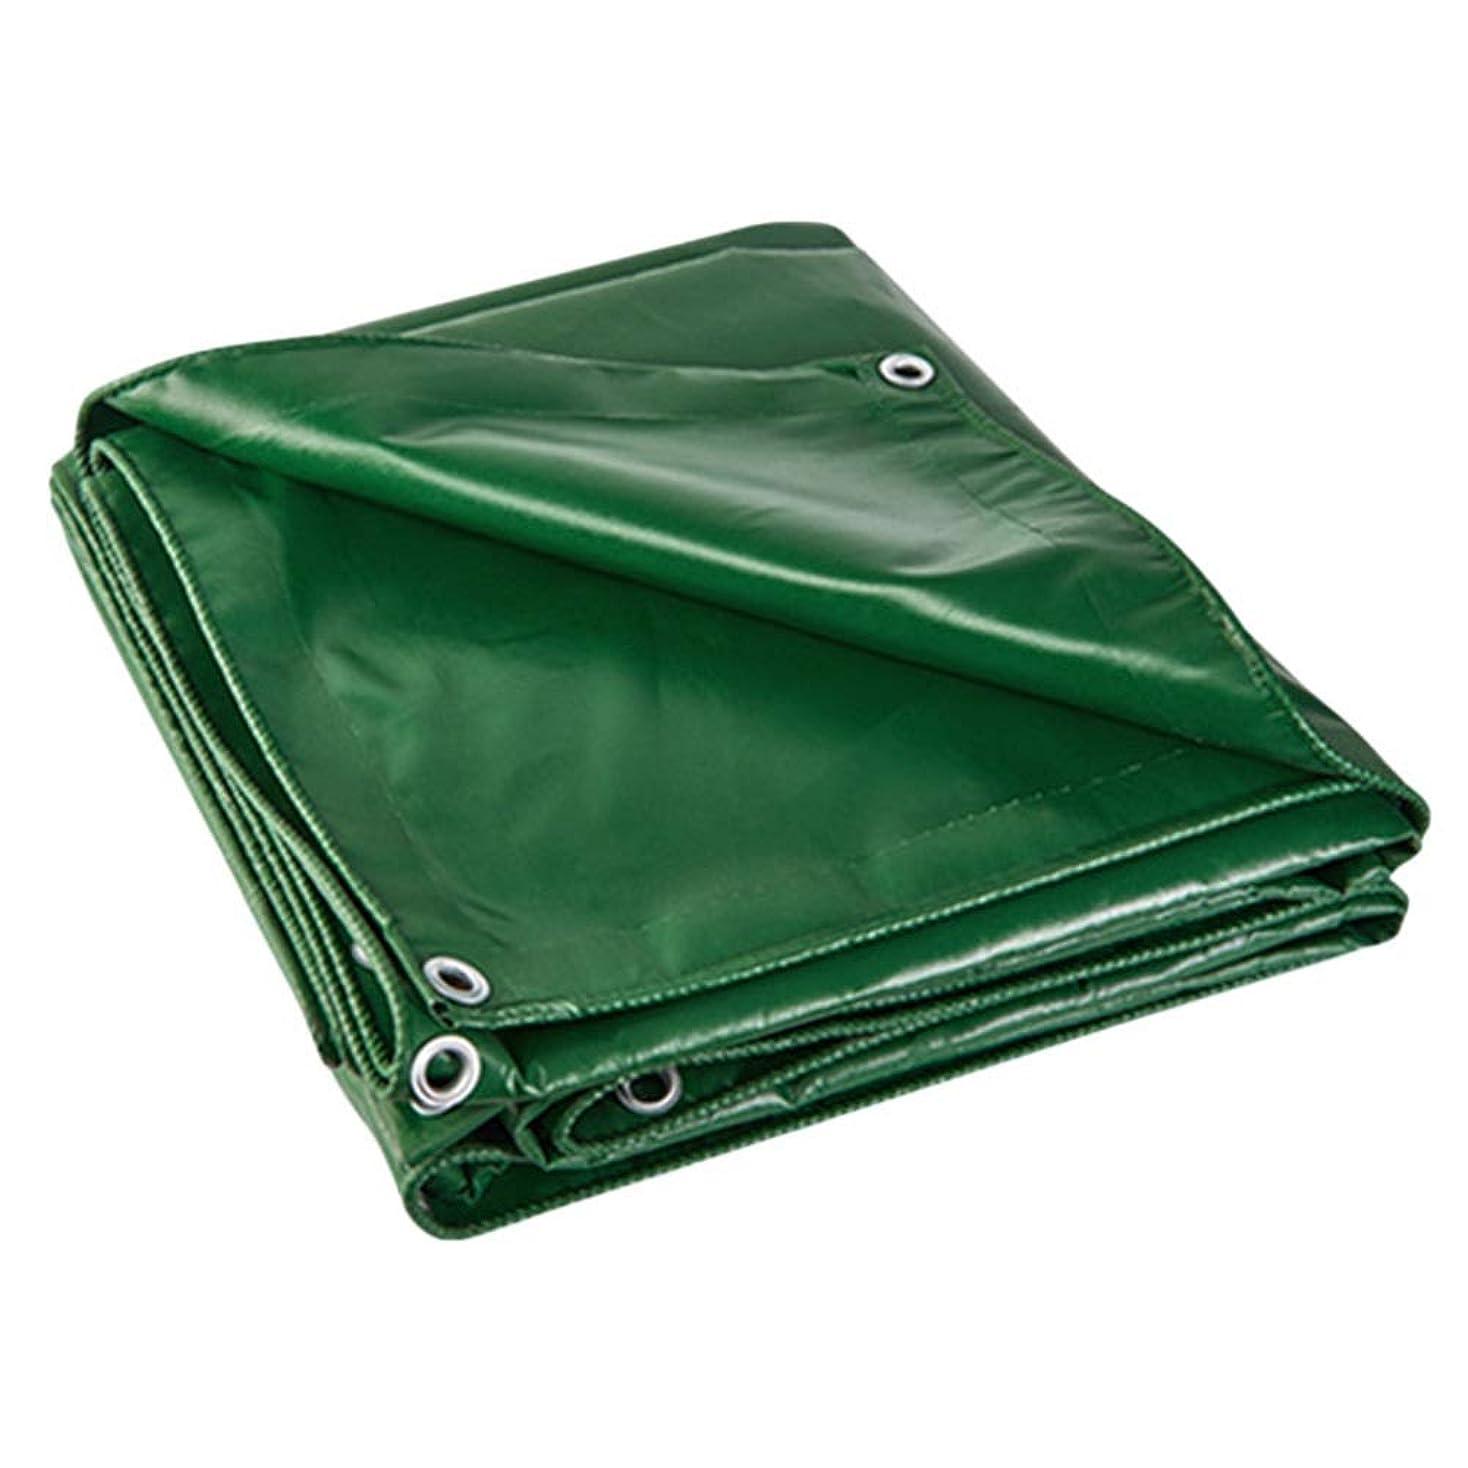 暗い歯科医遅いグロメット、ヤードのトラックのキャンプの屋根のプールカバーが付いている緑の防水シートポリ塩化ビニール防水、頑丈な防水シート (Color : 3M×3M)